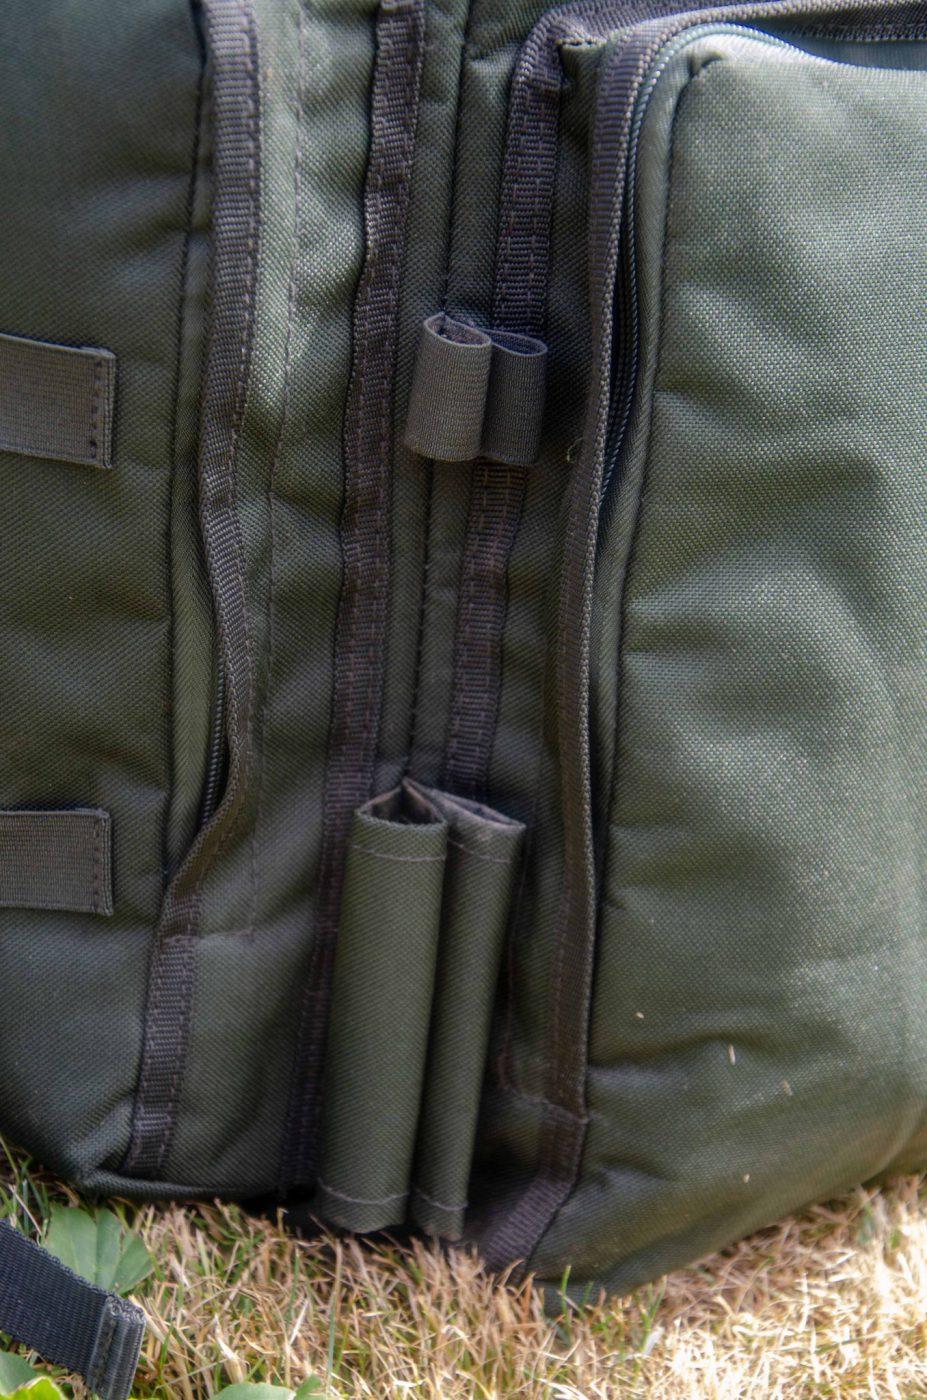 4 sydda fack för banksticks och även elastiska band på sidofacket som kan hålla banksticks.